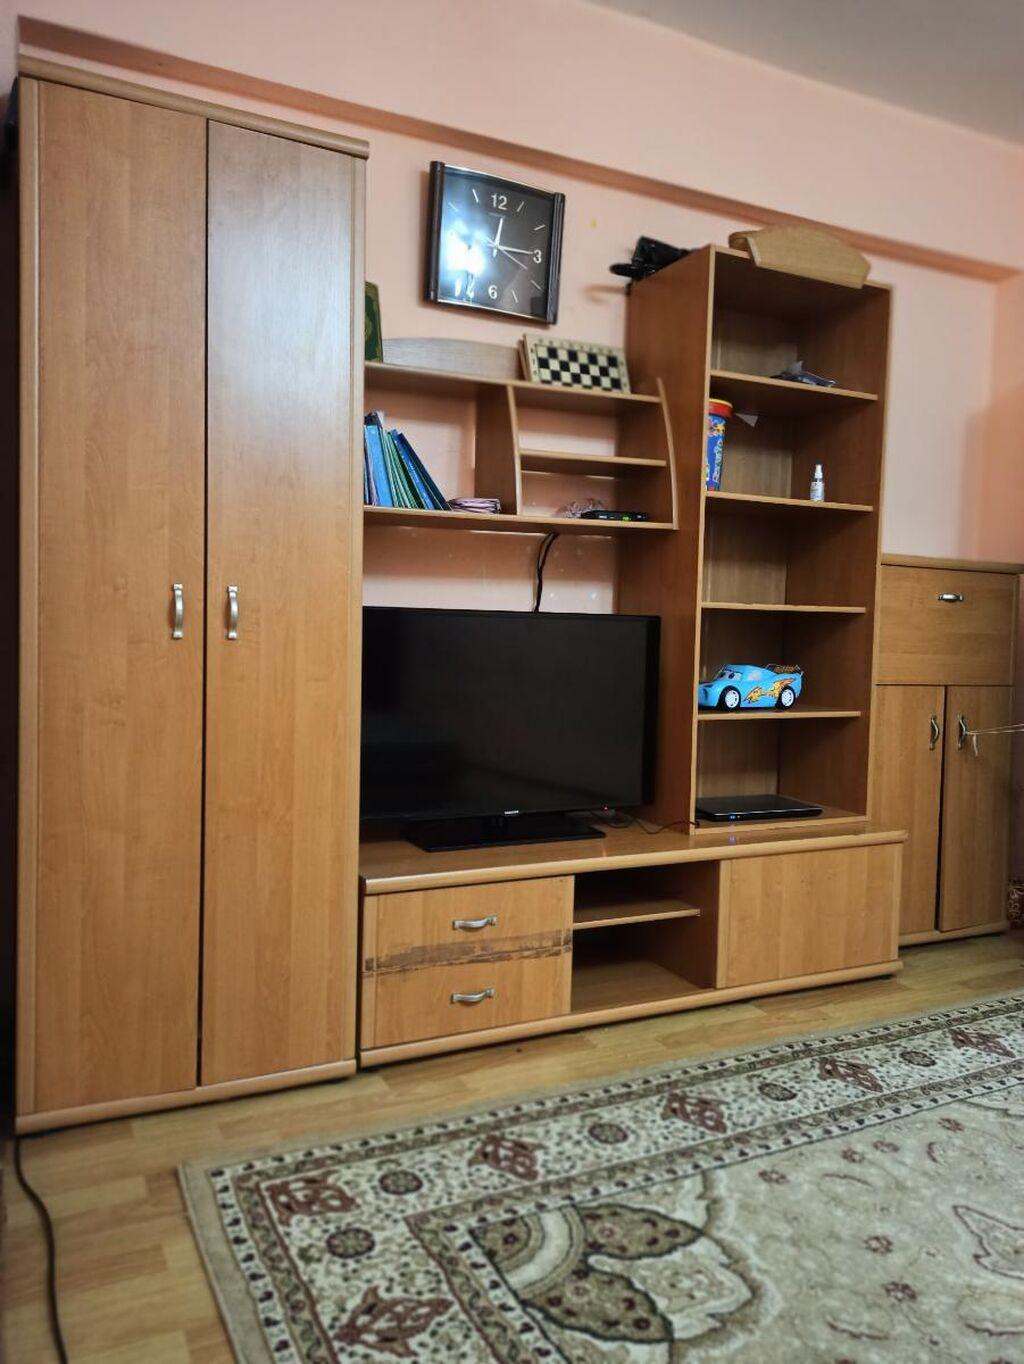 Мебель. Горка для гостиной. ЦЕНА 10000 СОМОВ